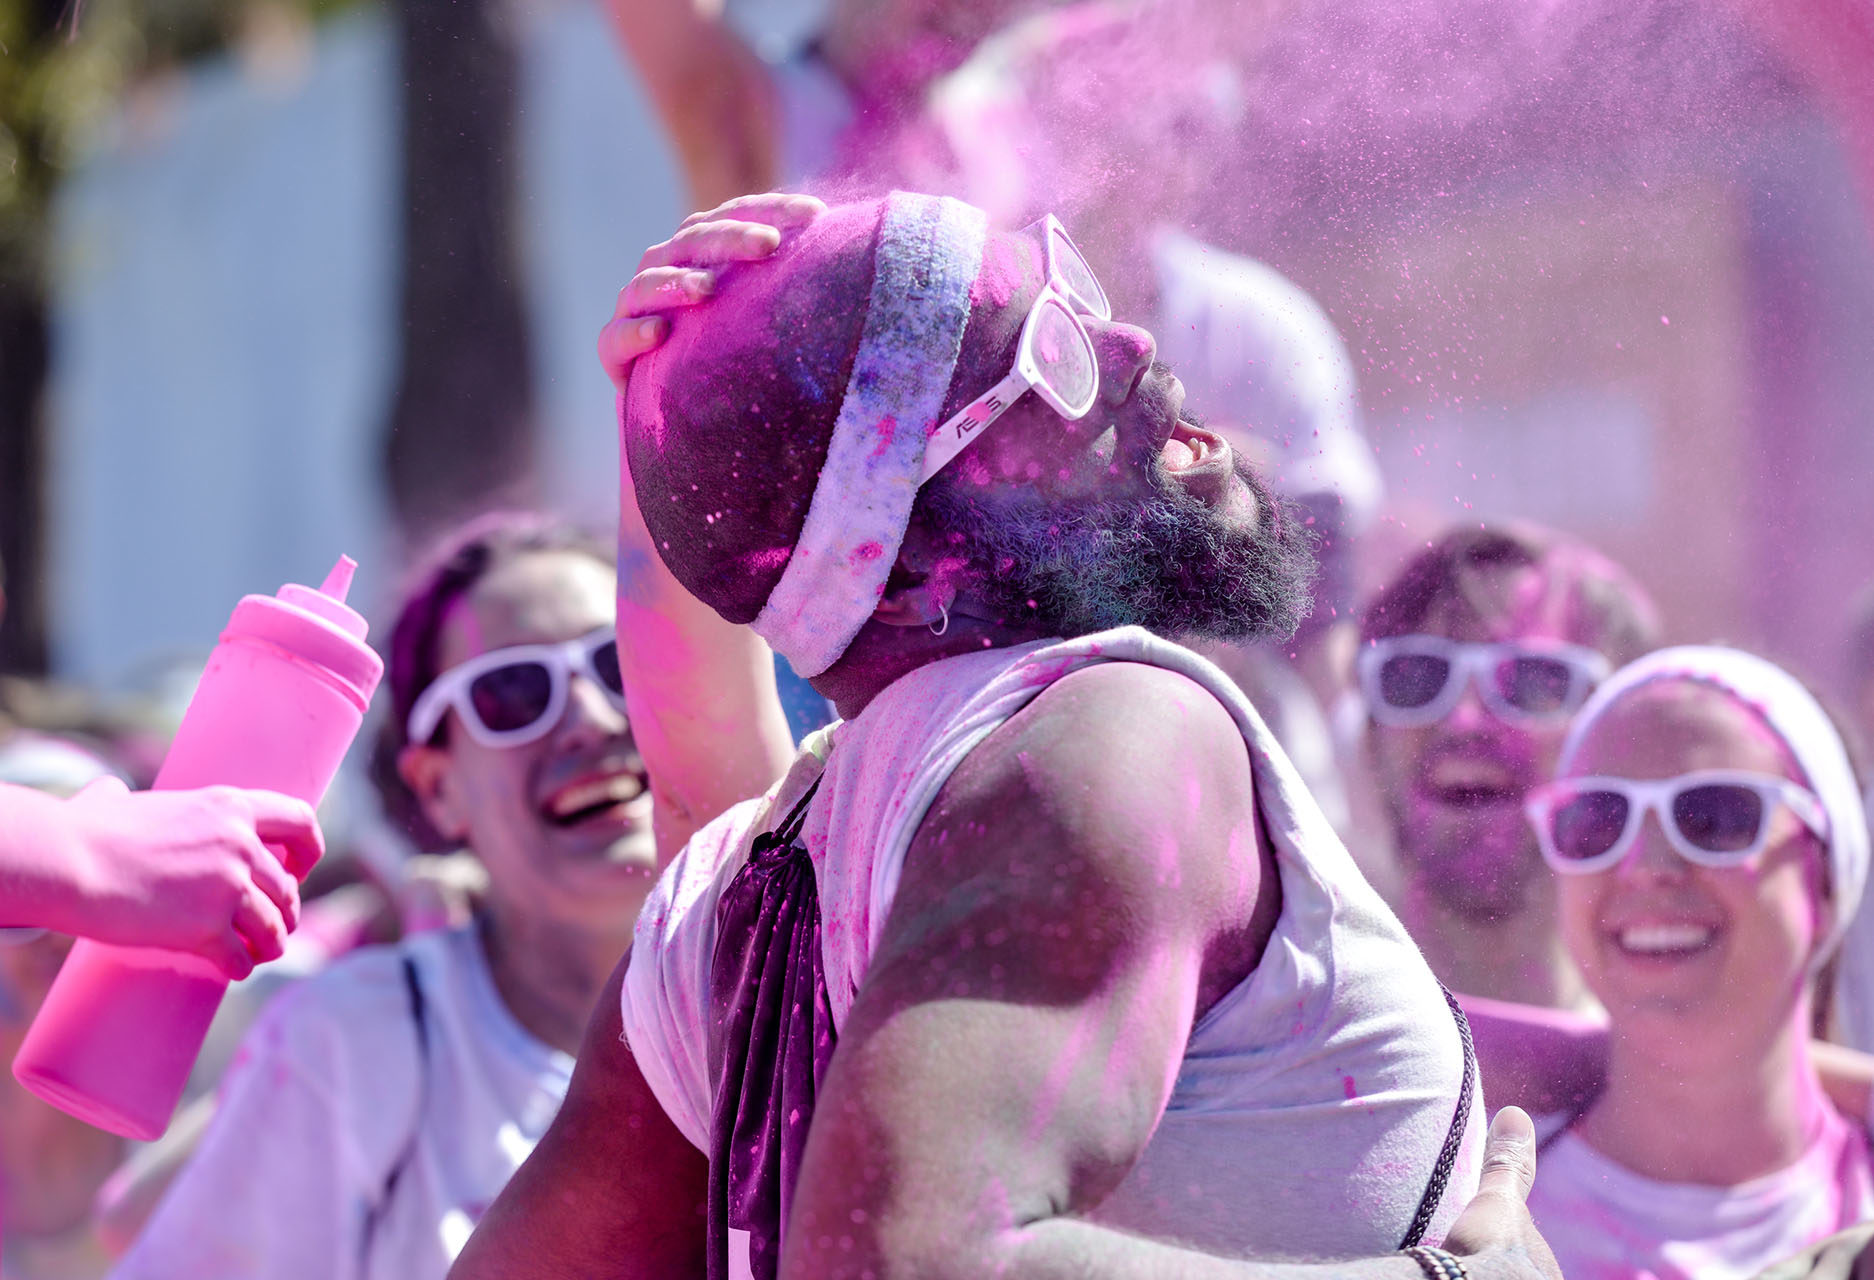 photographe-ile-de-france-evenementiel-paris-color-run-2015